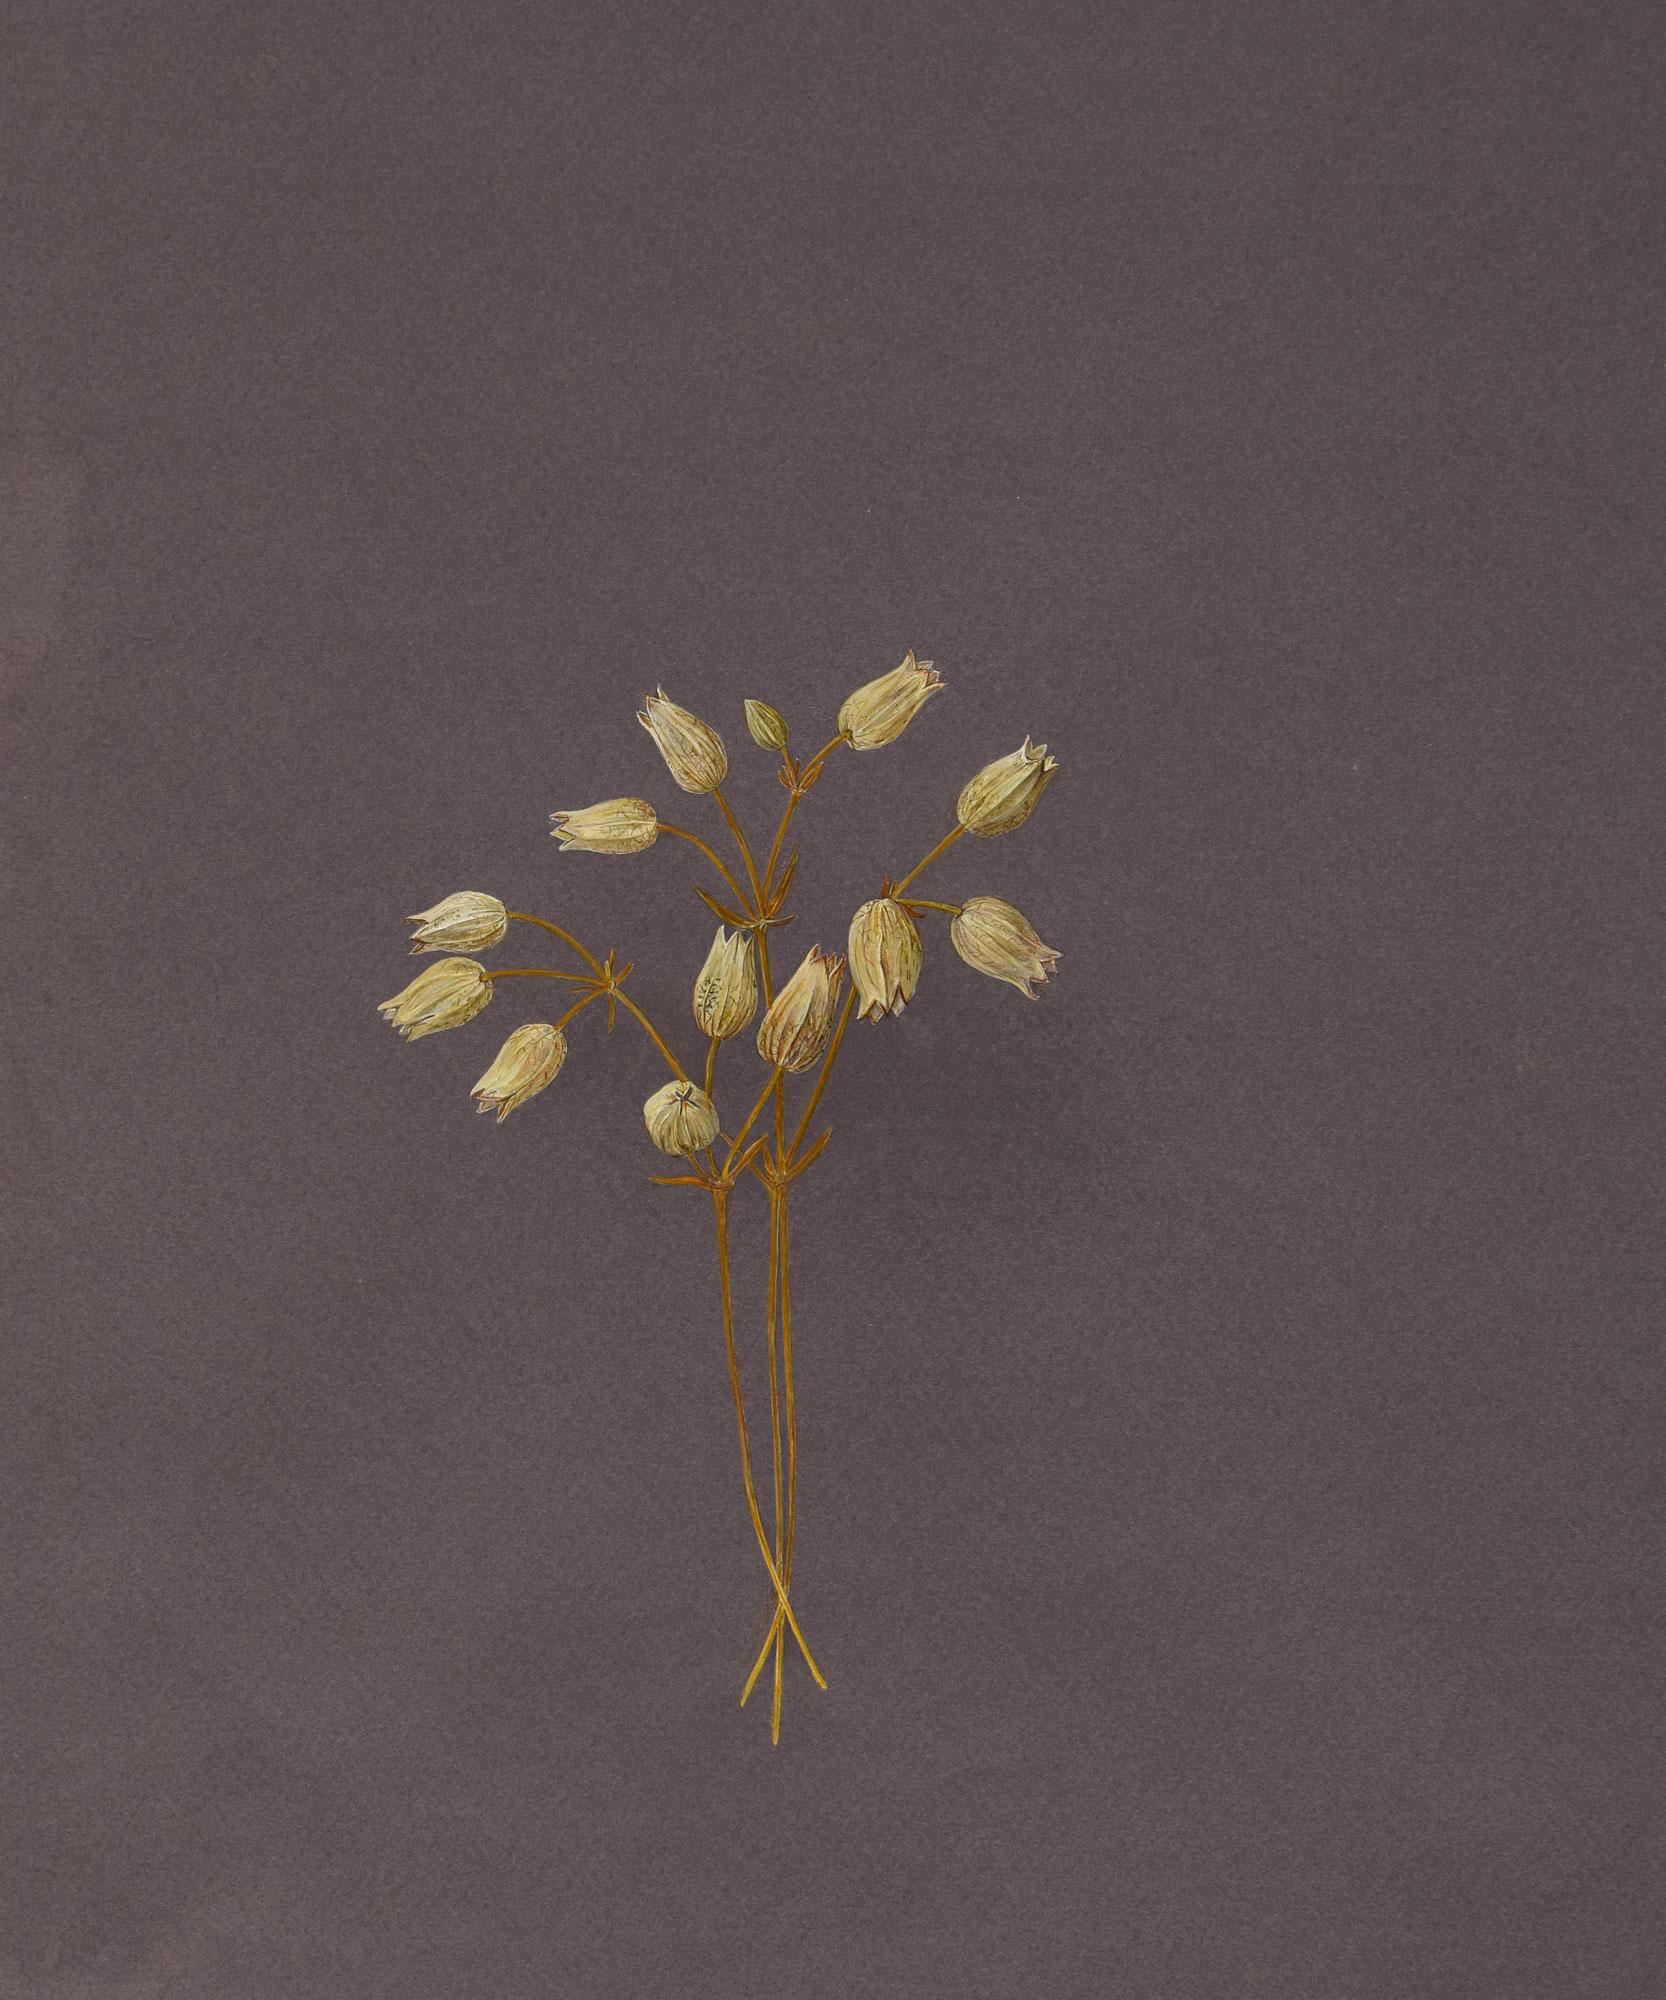 Silene d'autunnotecnica mista: acquerello e tempera su carta